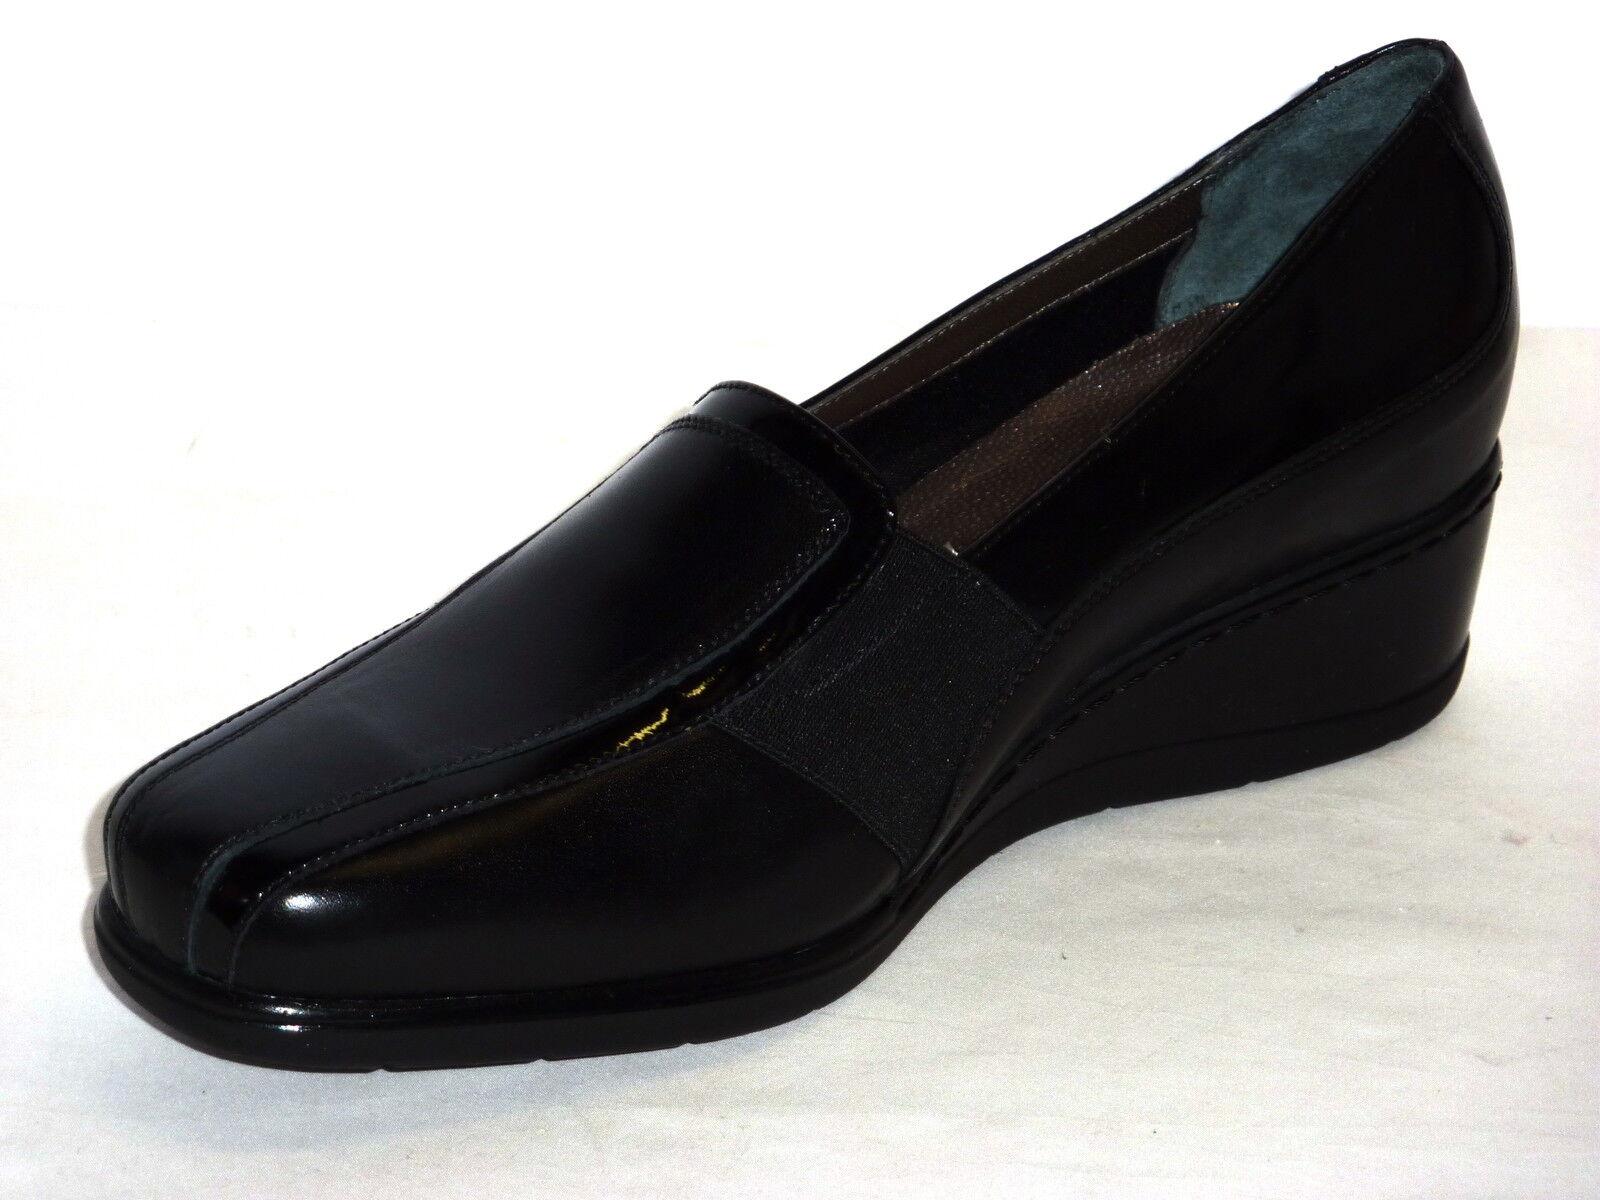 Schuhe CONFORT Damens ELEGANTI CALDO INVERNO MORBIDISSIME MORBIDISSIME MORBIDISSIME IN  PELLE  NERO n. 39 2fff22